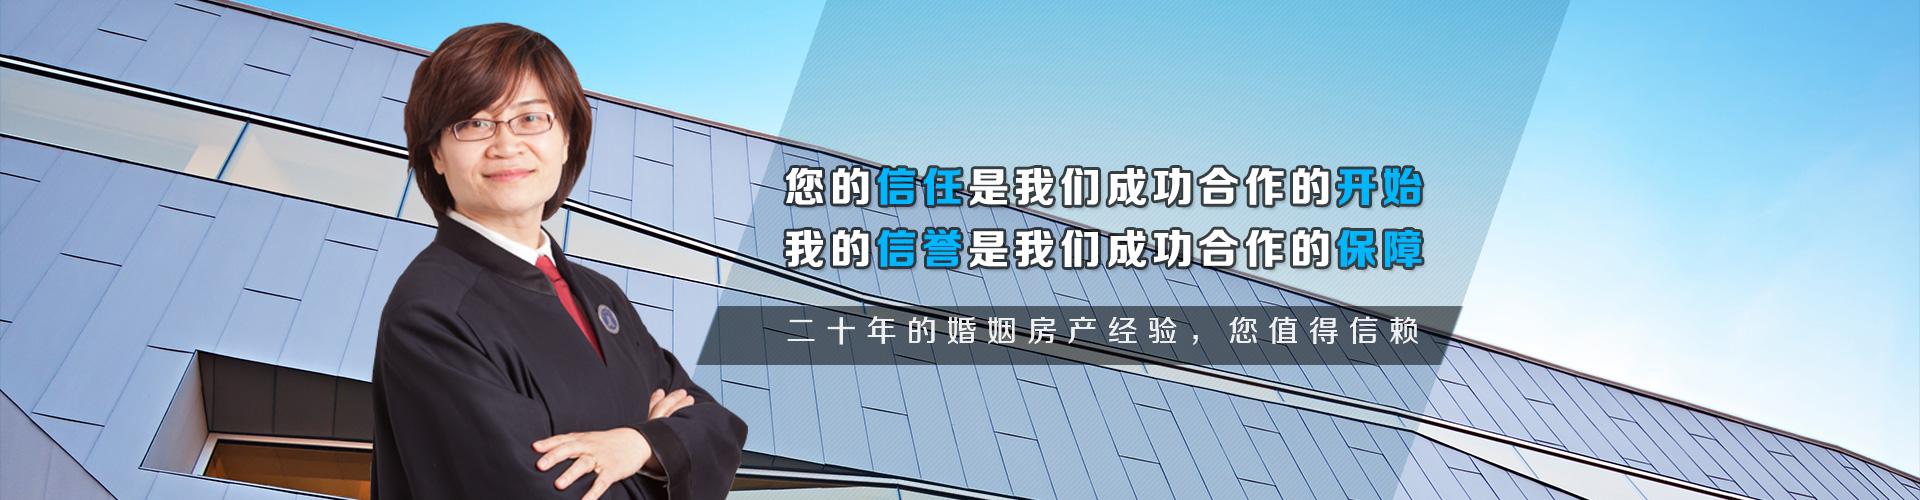 北京李春艳律师